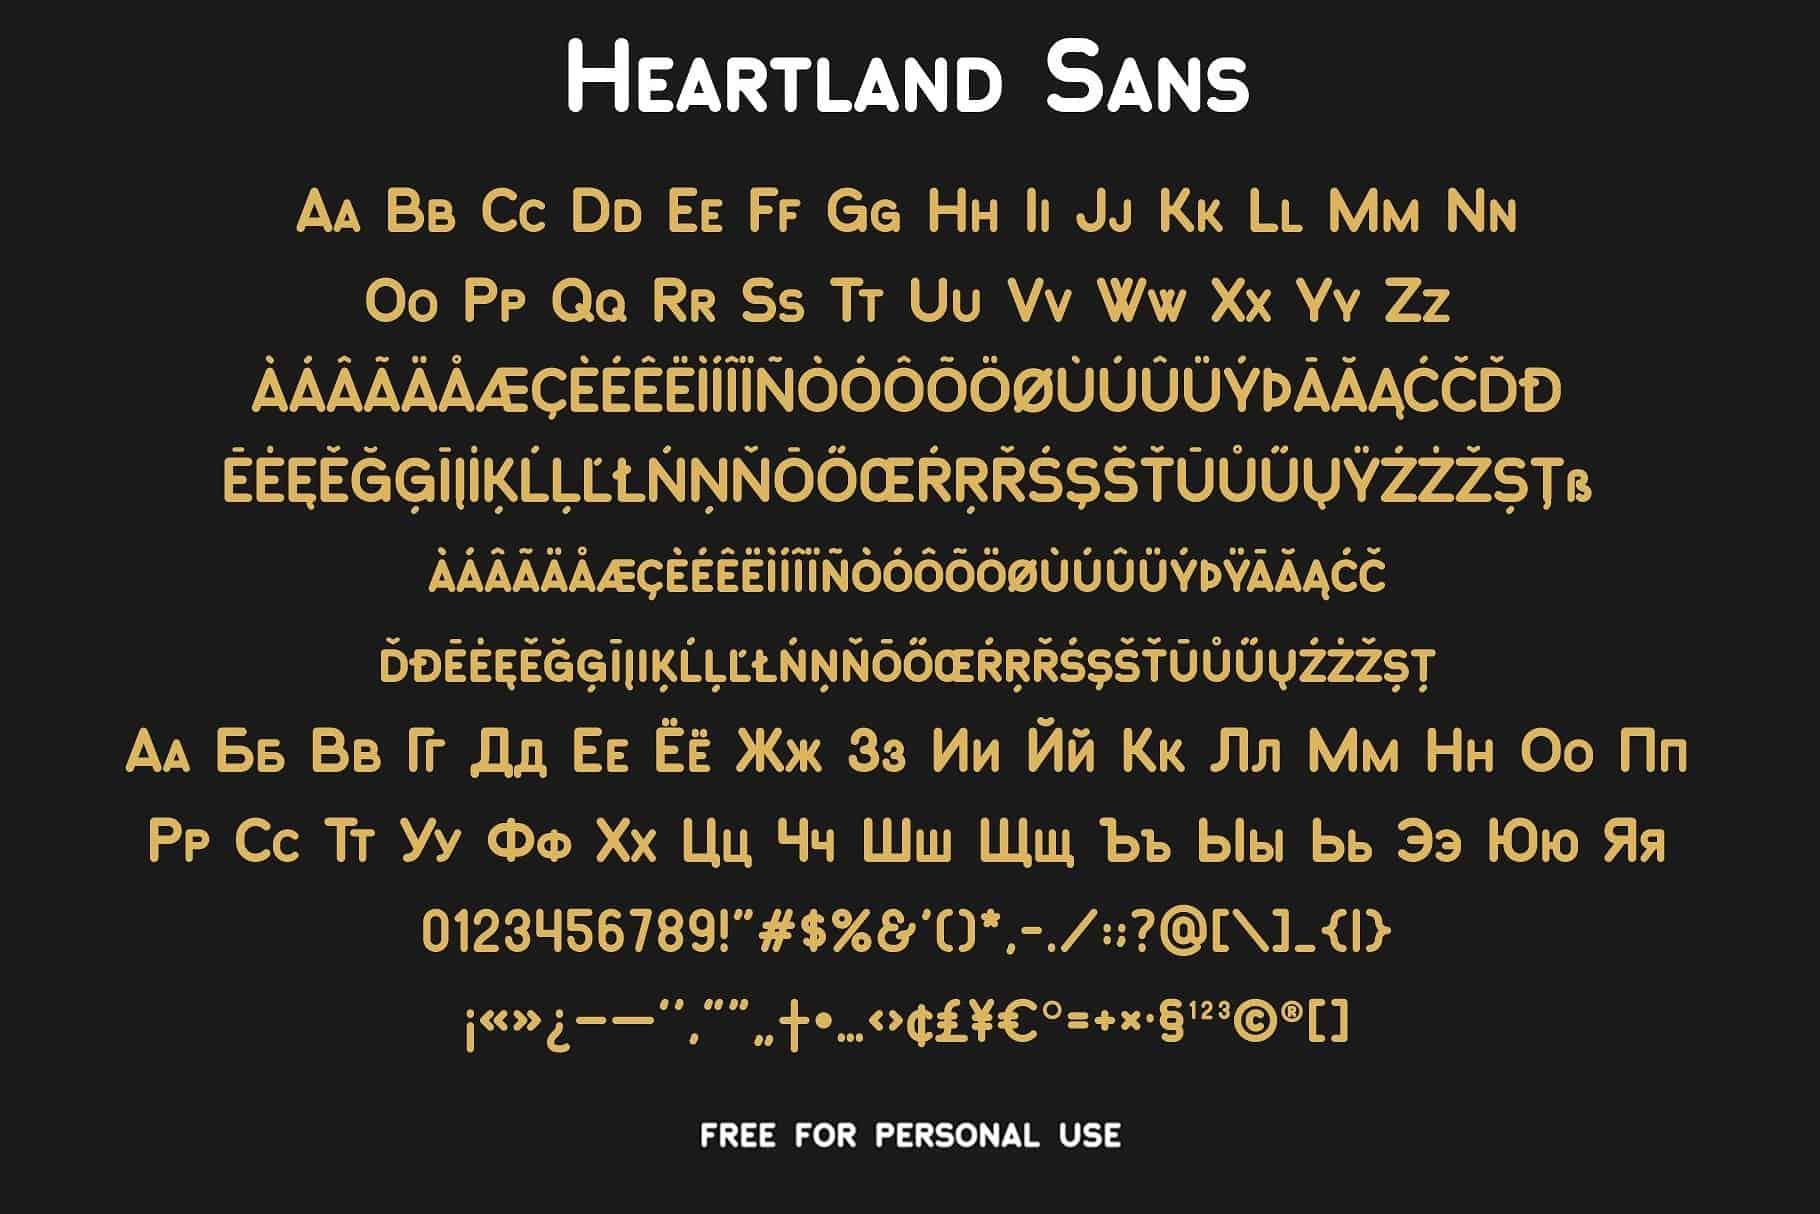 Heartland шрифт скачать бесплатно